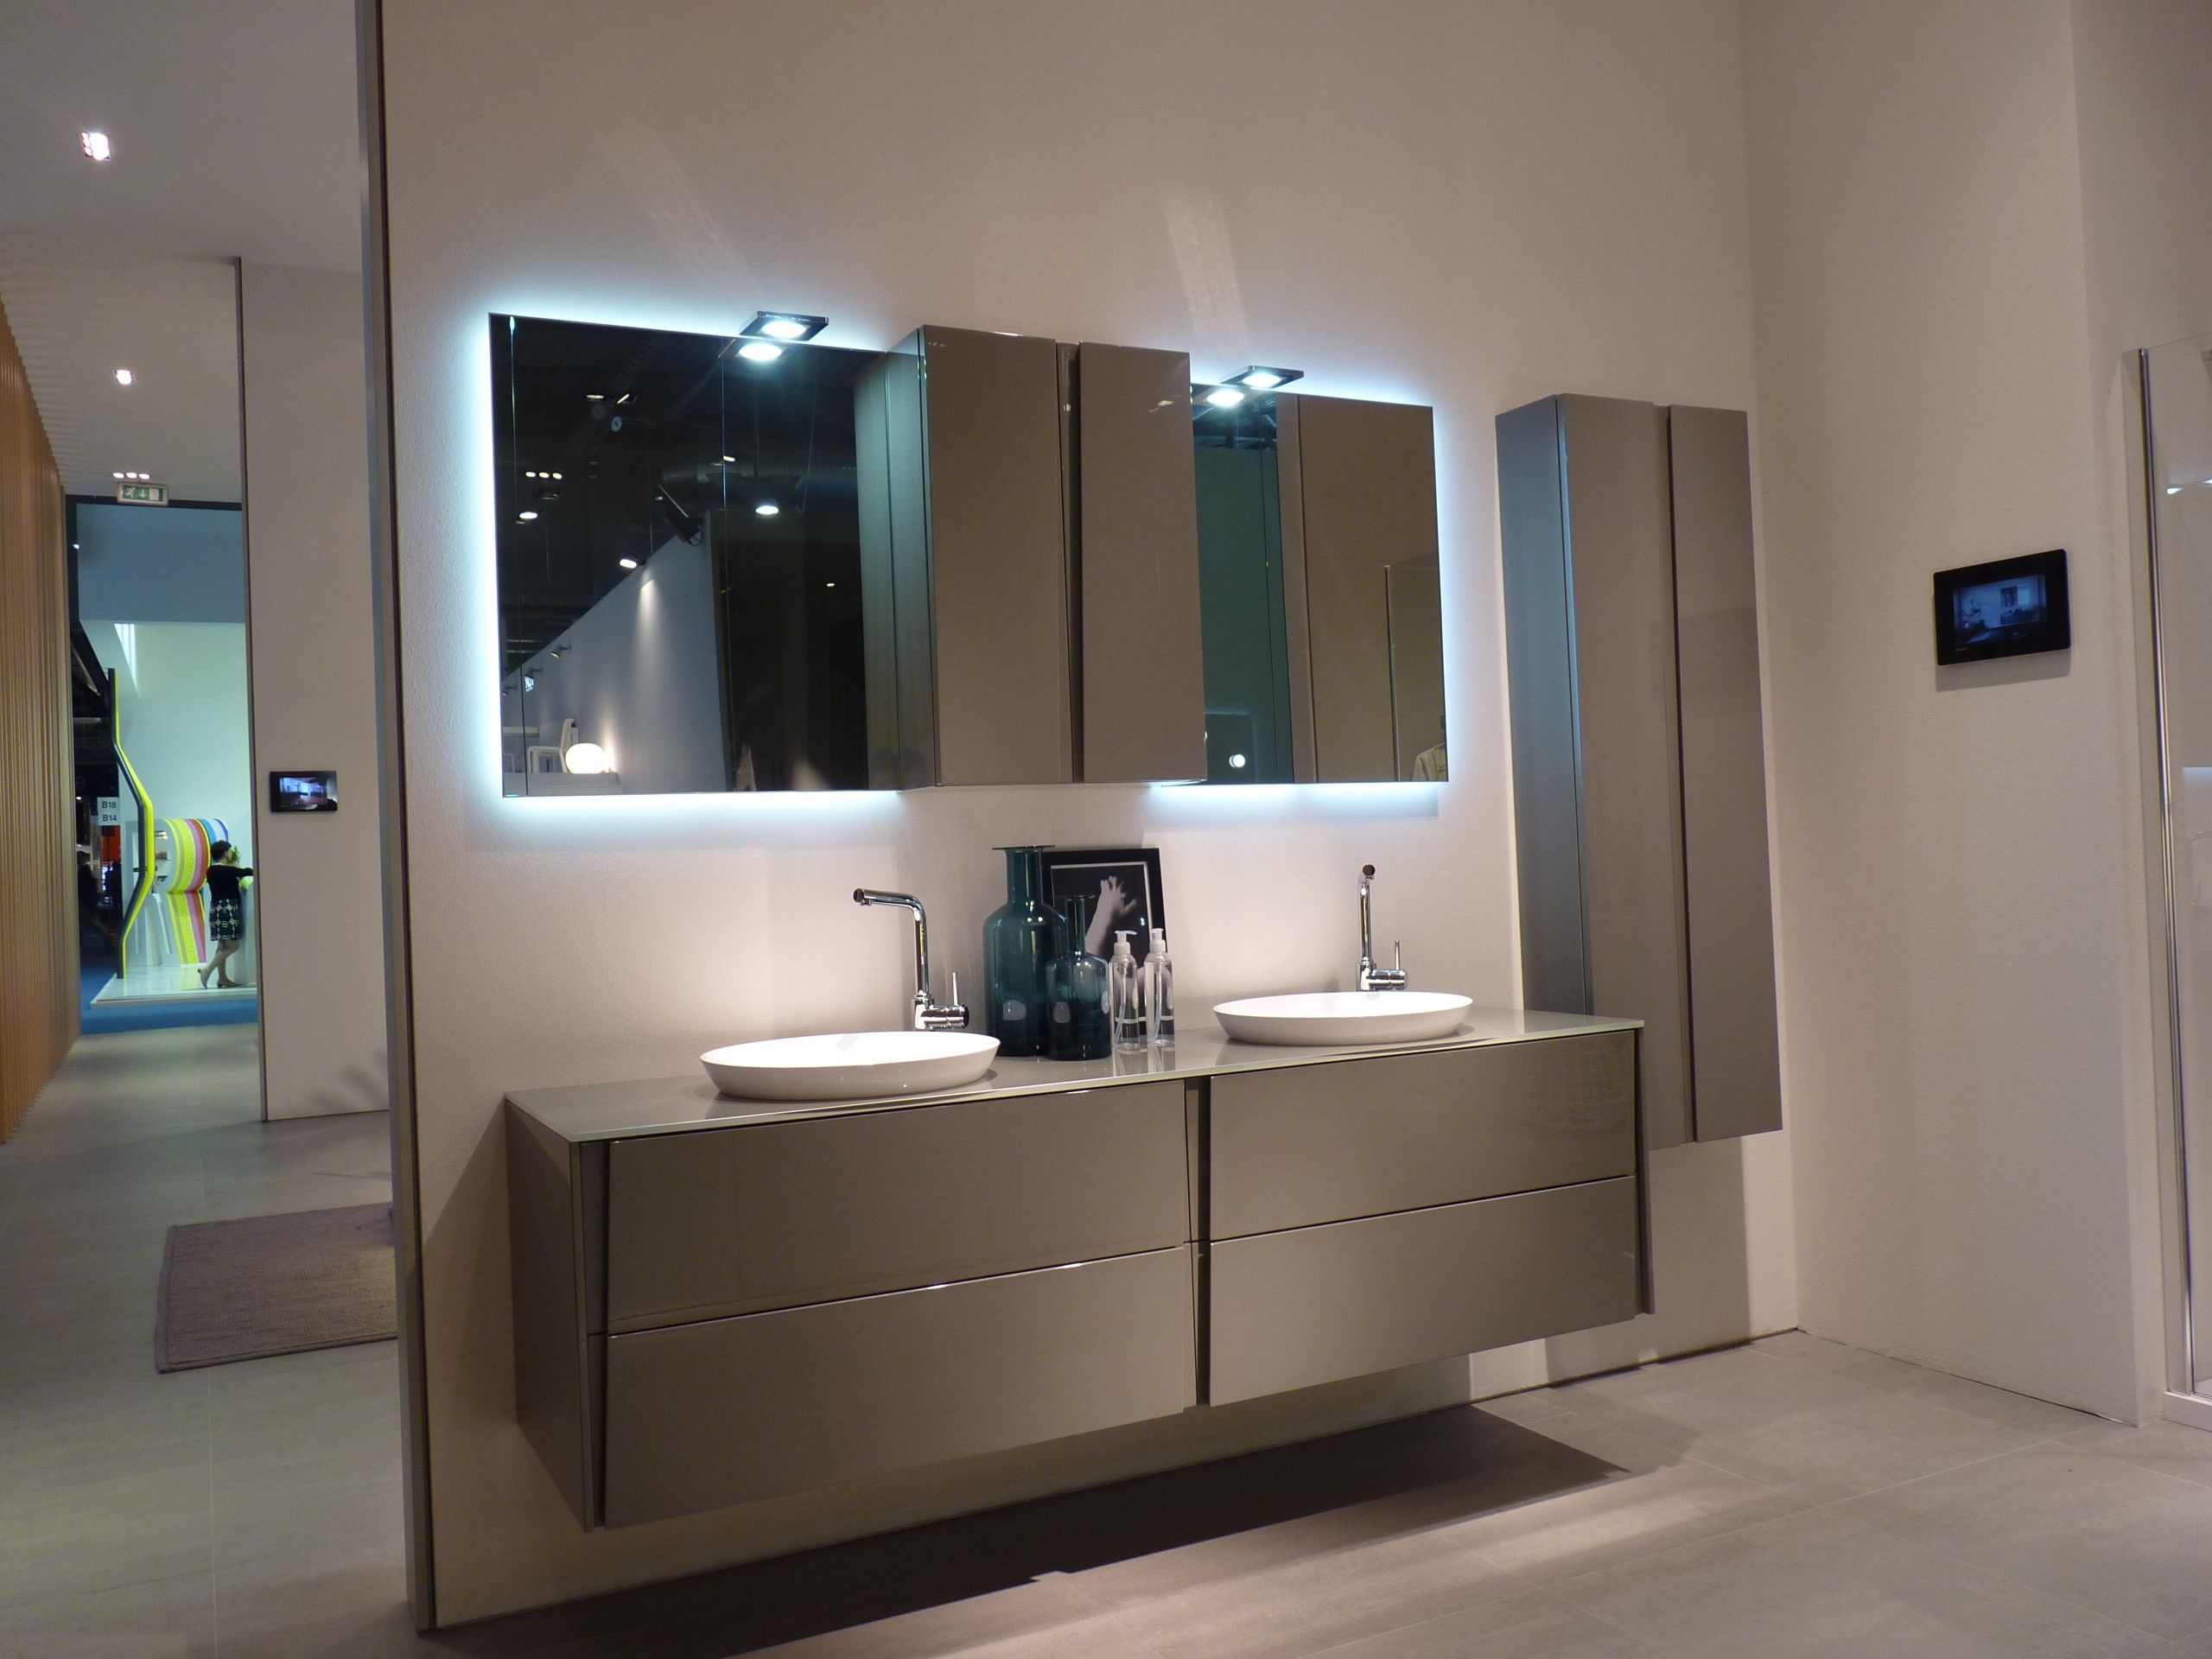 Mueble de ba o gris azulejo blanco suelo gris posible for Decoracion mueble bano